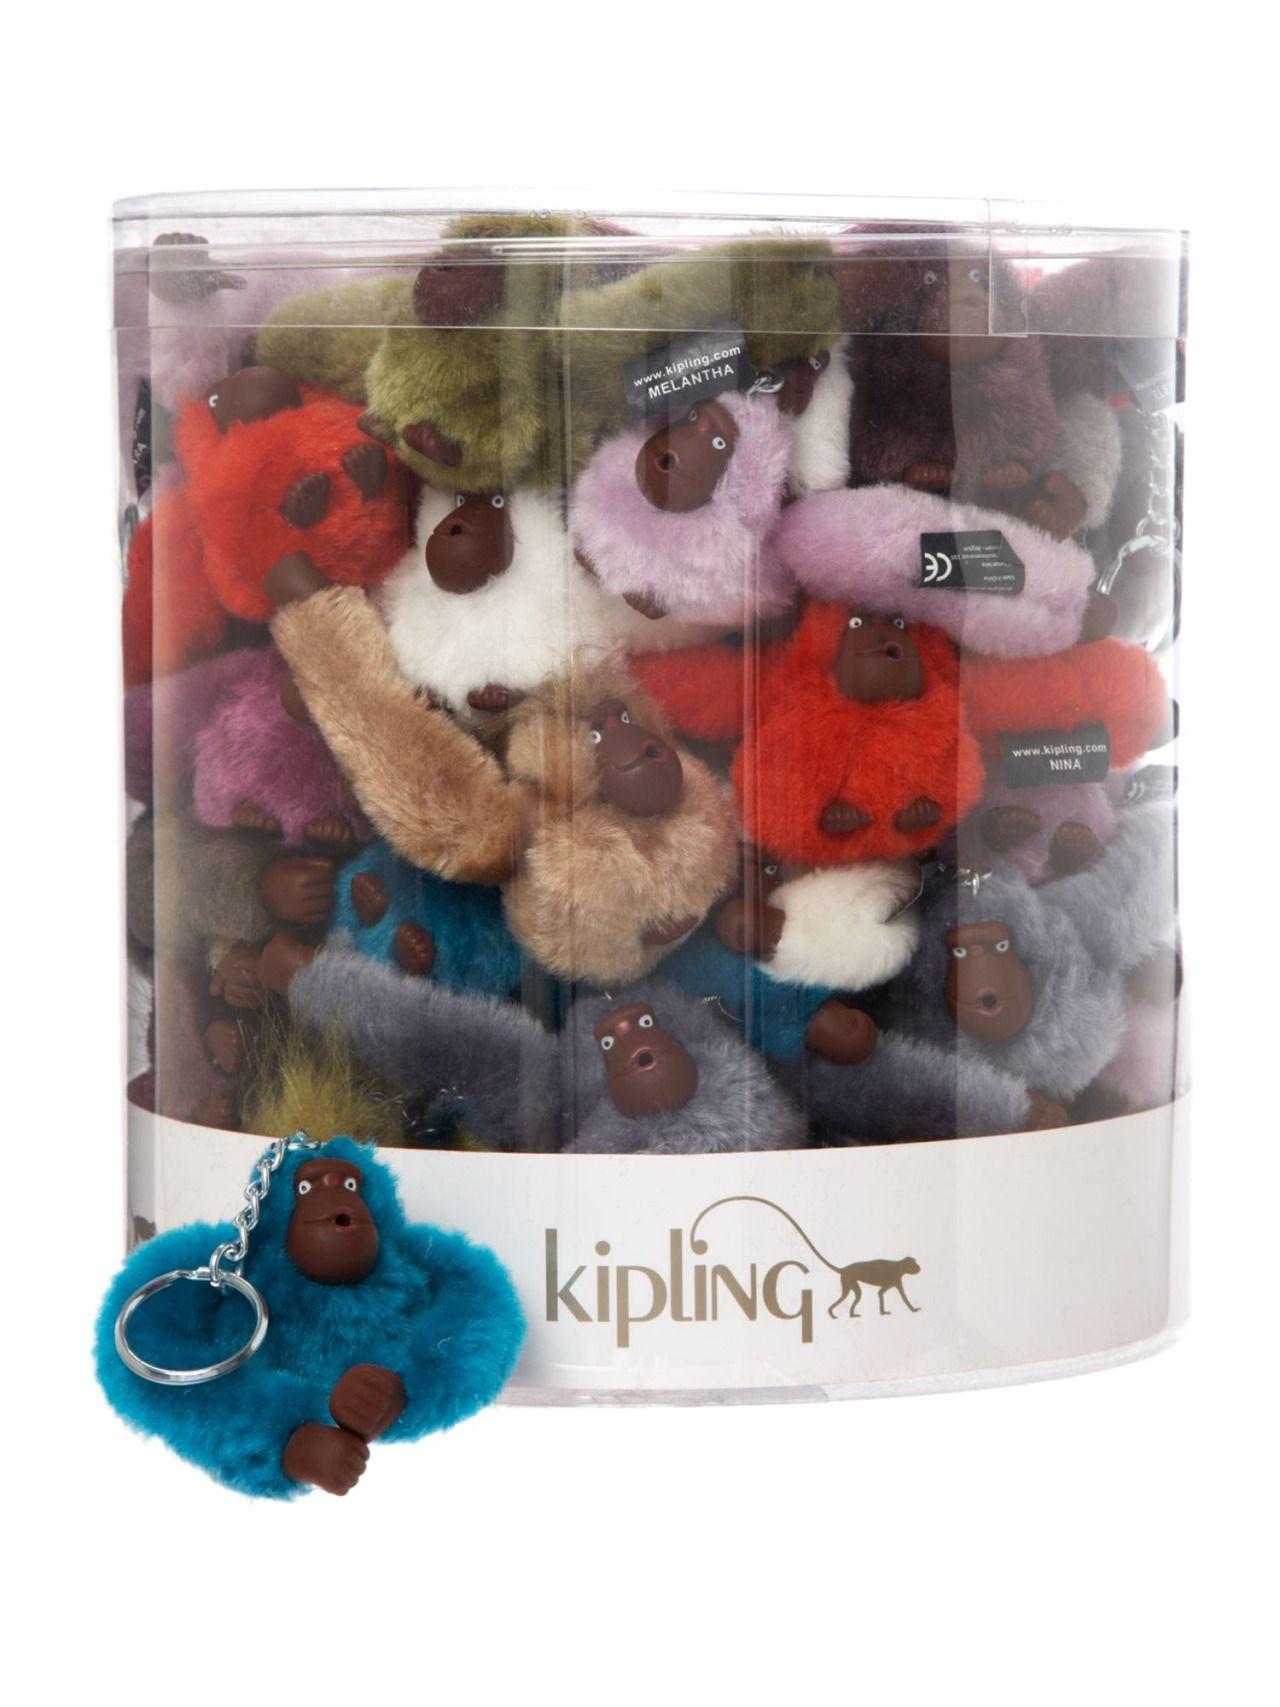 Represent! Kipling <3